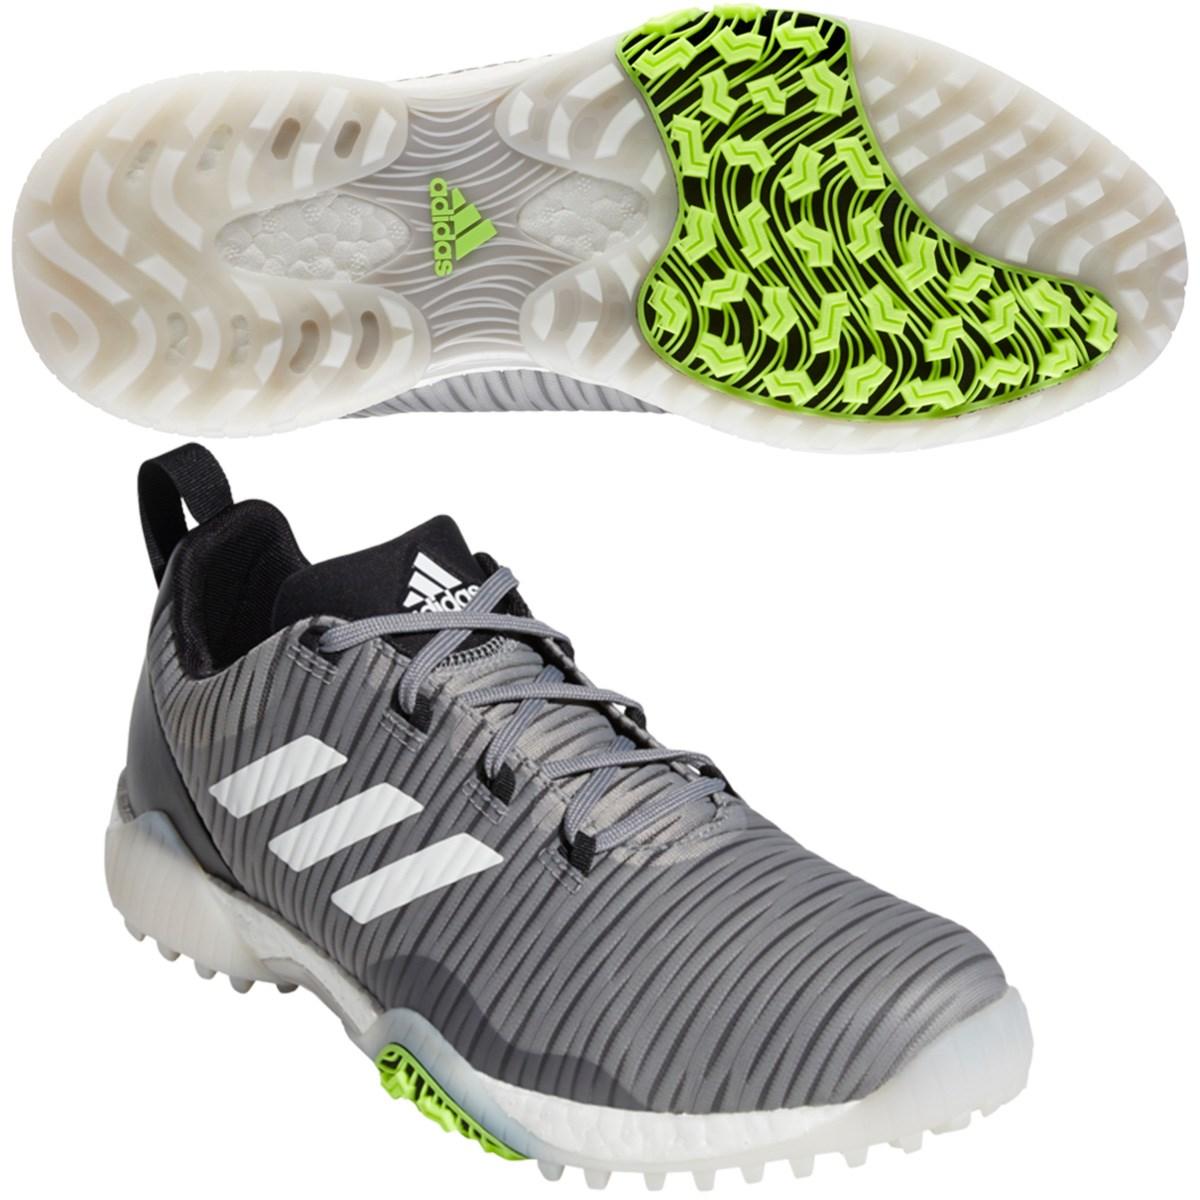 アディダス Adidas コードカオス シューズ 27cm グレースリー/ホワイト/コアブラック